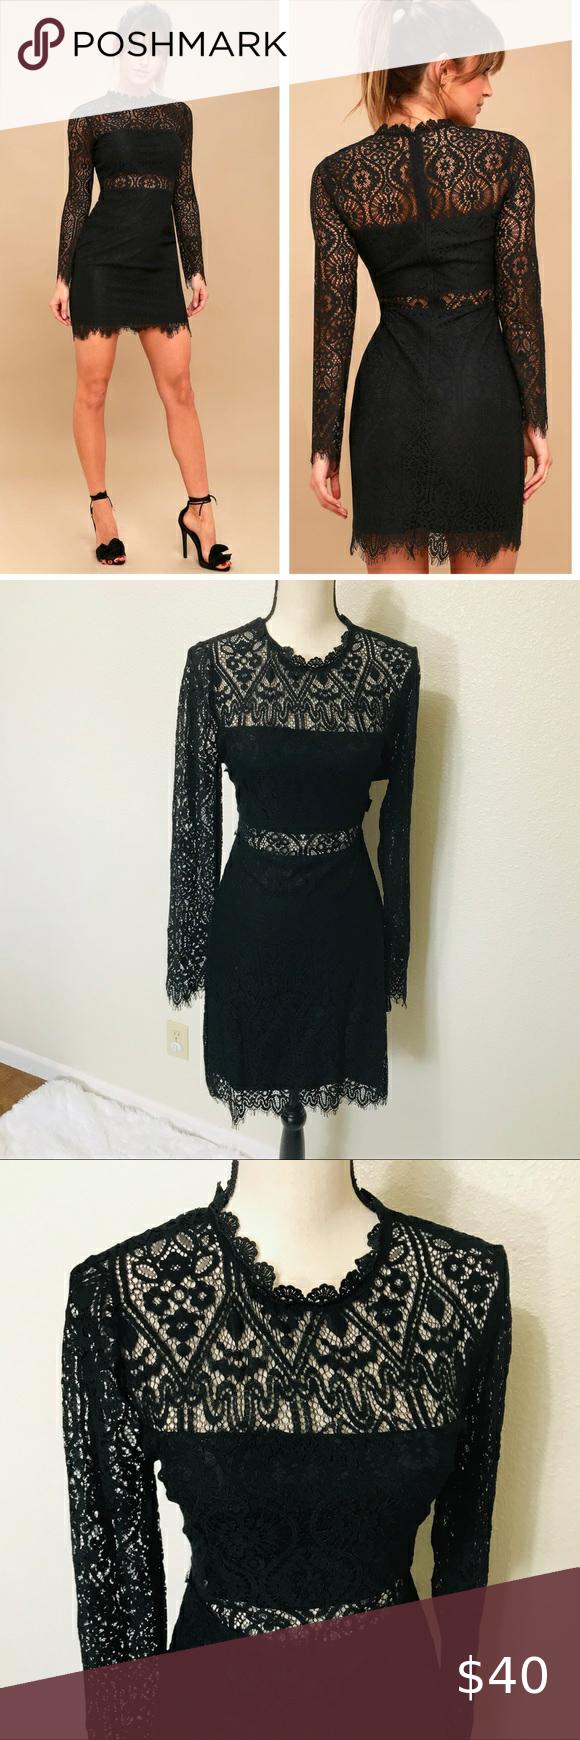 Lulu S Appetite For Seduction Black Lace Dress Black Lace Long Sleeve Dress Long Sleeve Lace Dress Lace Dress [ 1740 x 580 Pixel ]